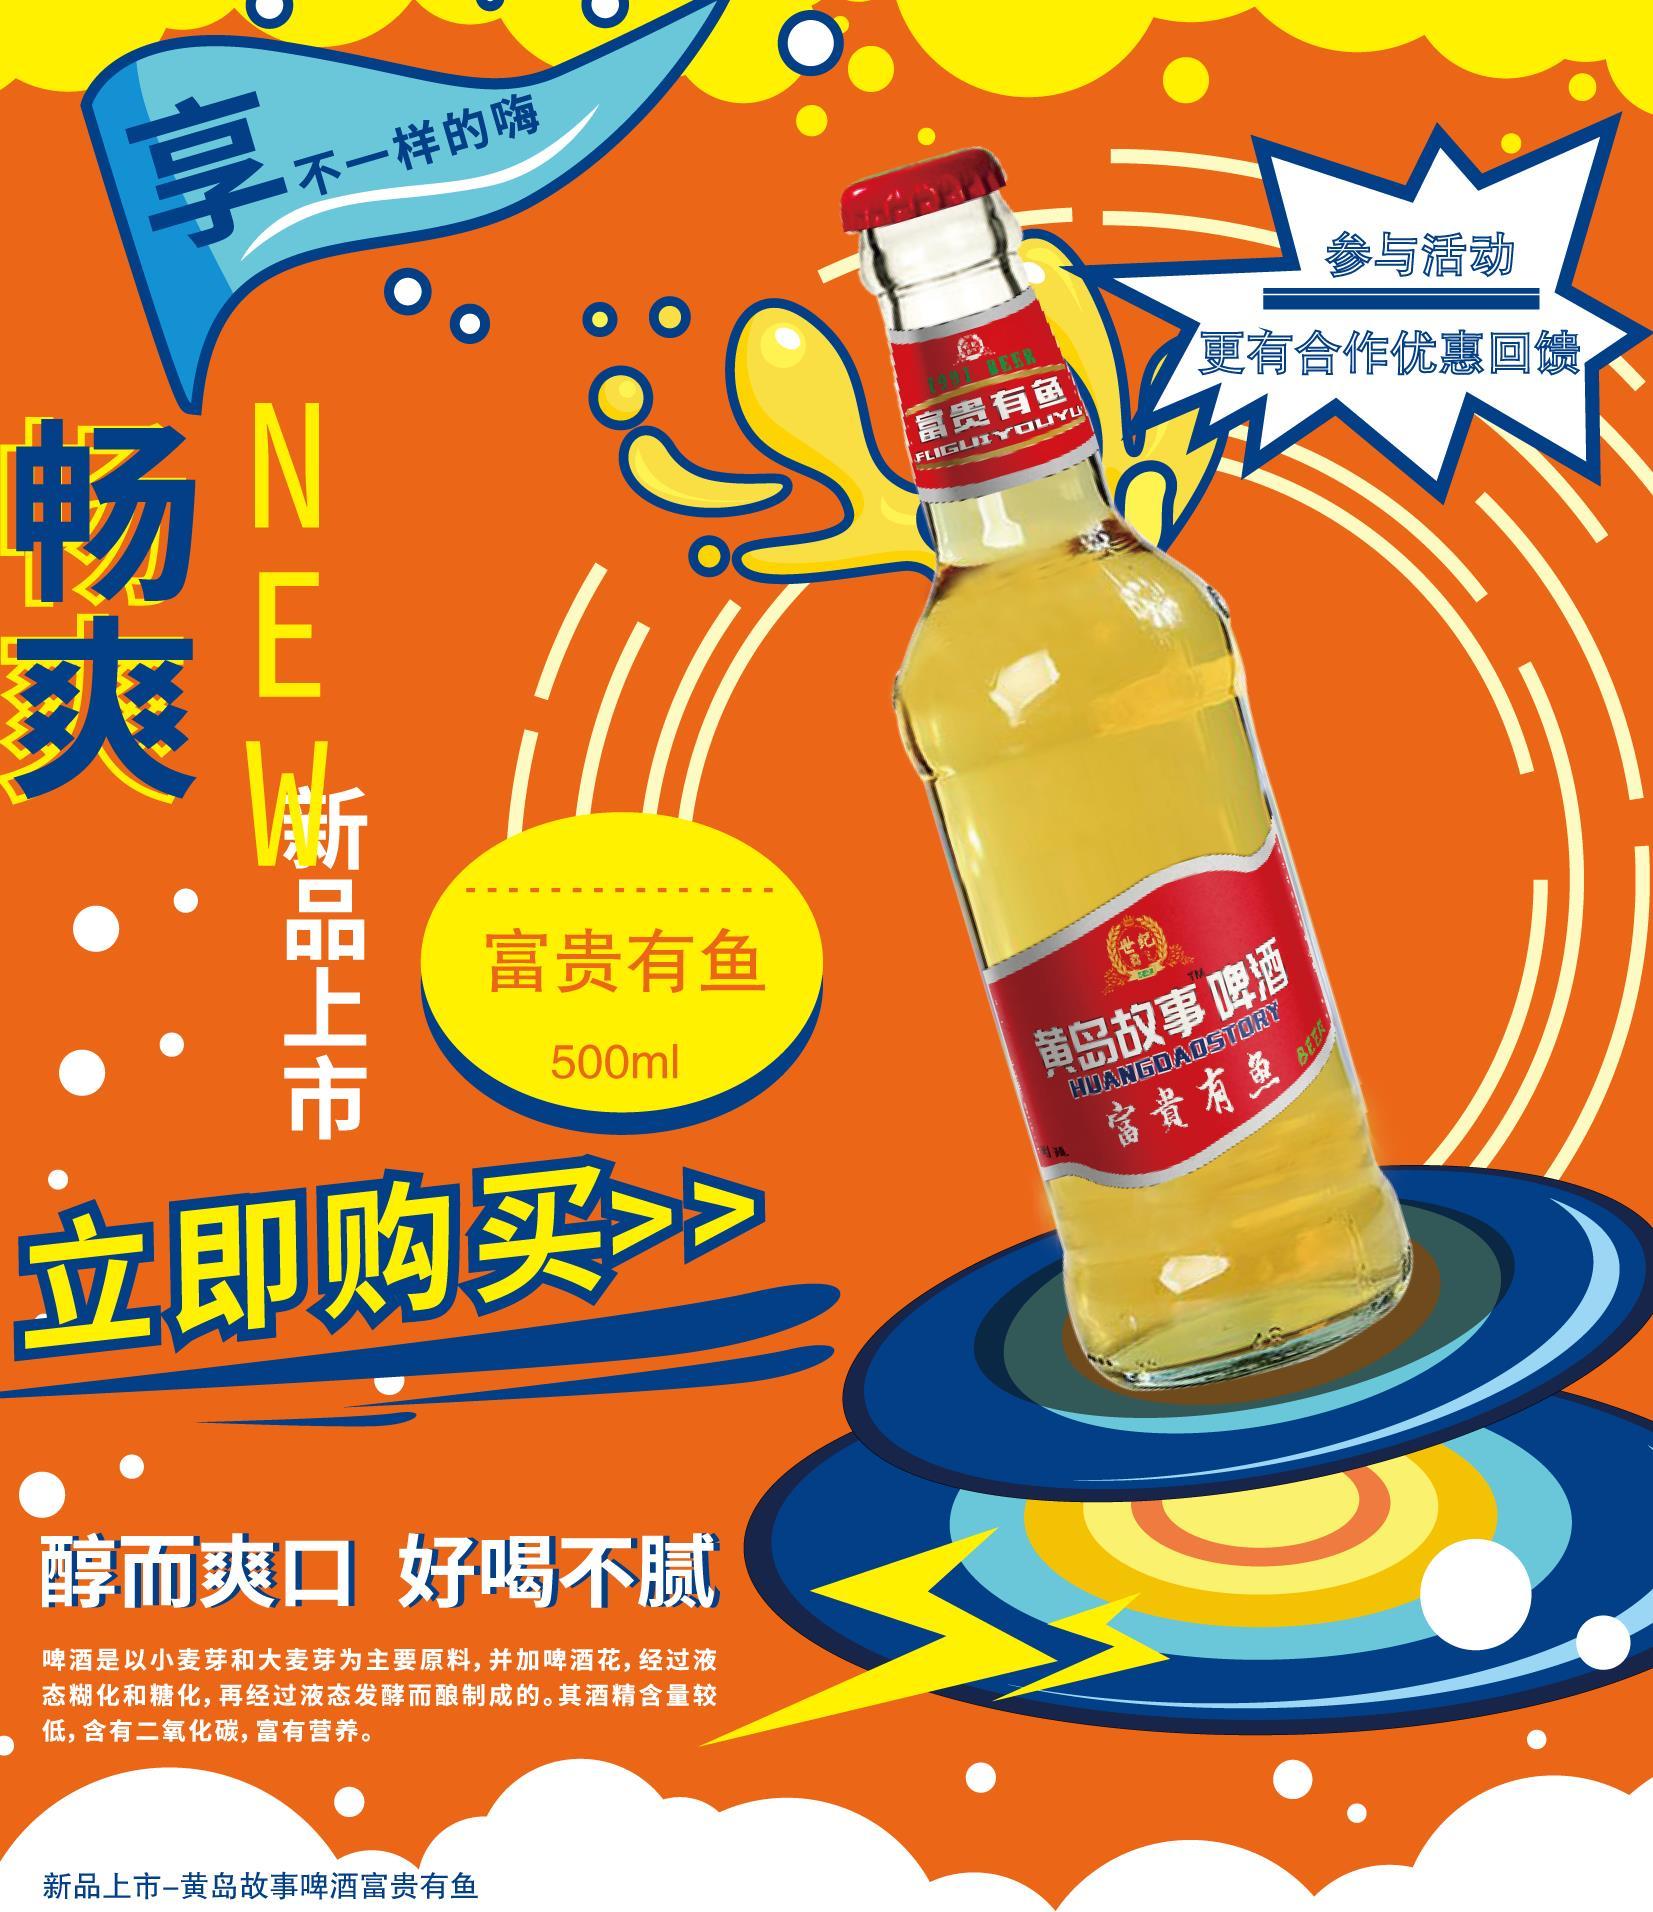 黄岛故事啤酒新产品富贵有鱼来啦!_1